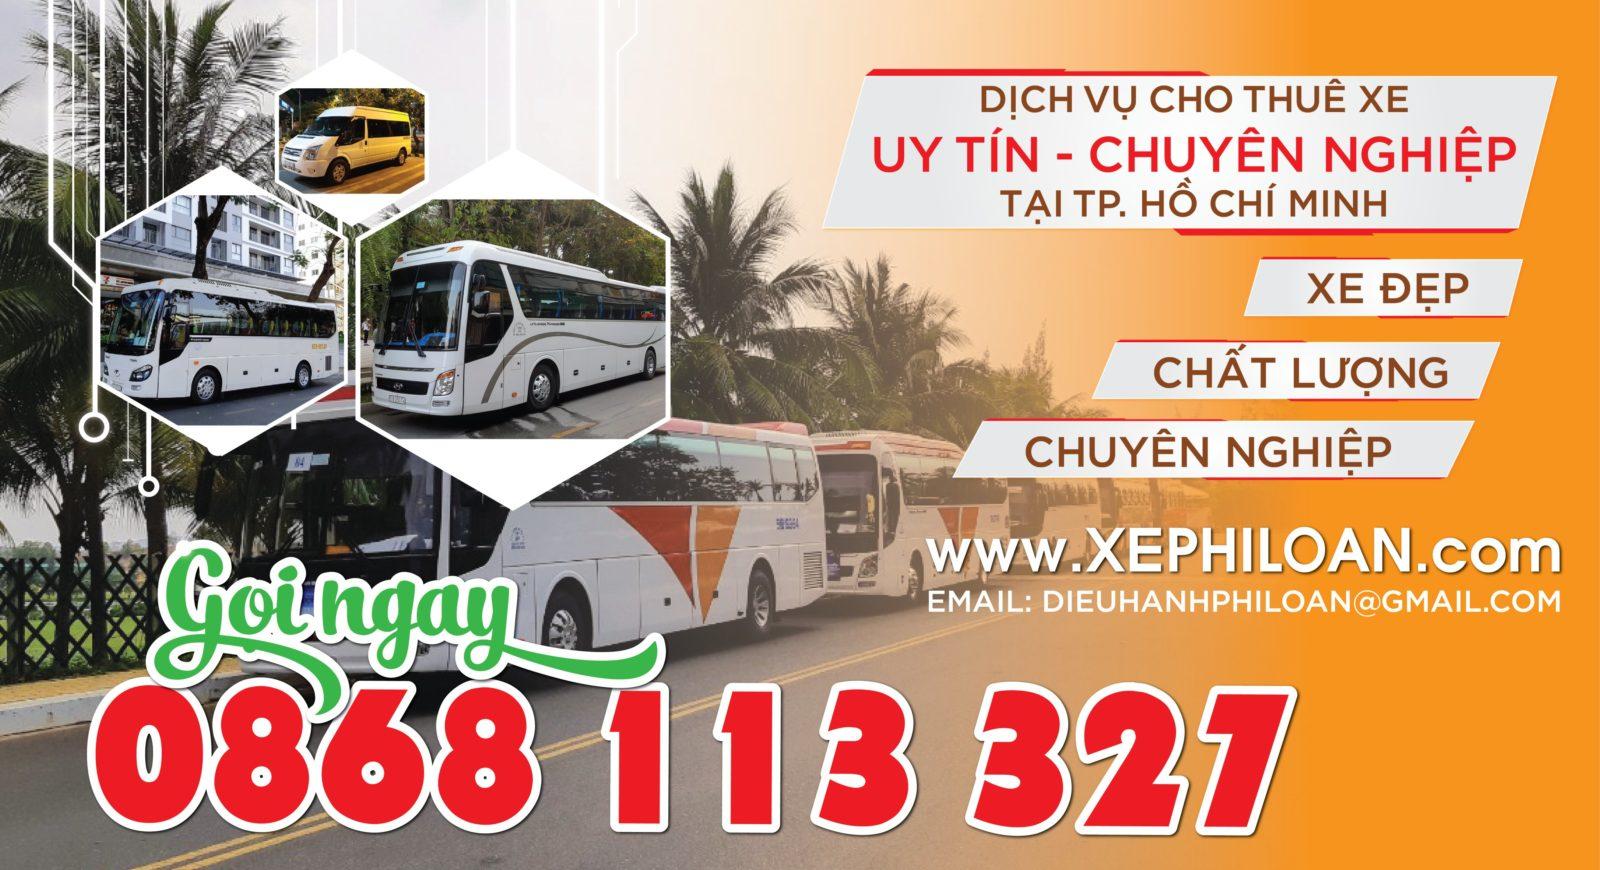 Thuê xe 29 chỗ tại quận 2 đi Phan Thiết Mũi Né